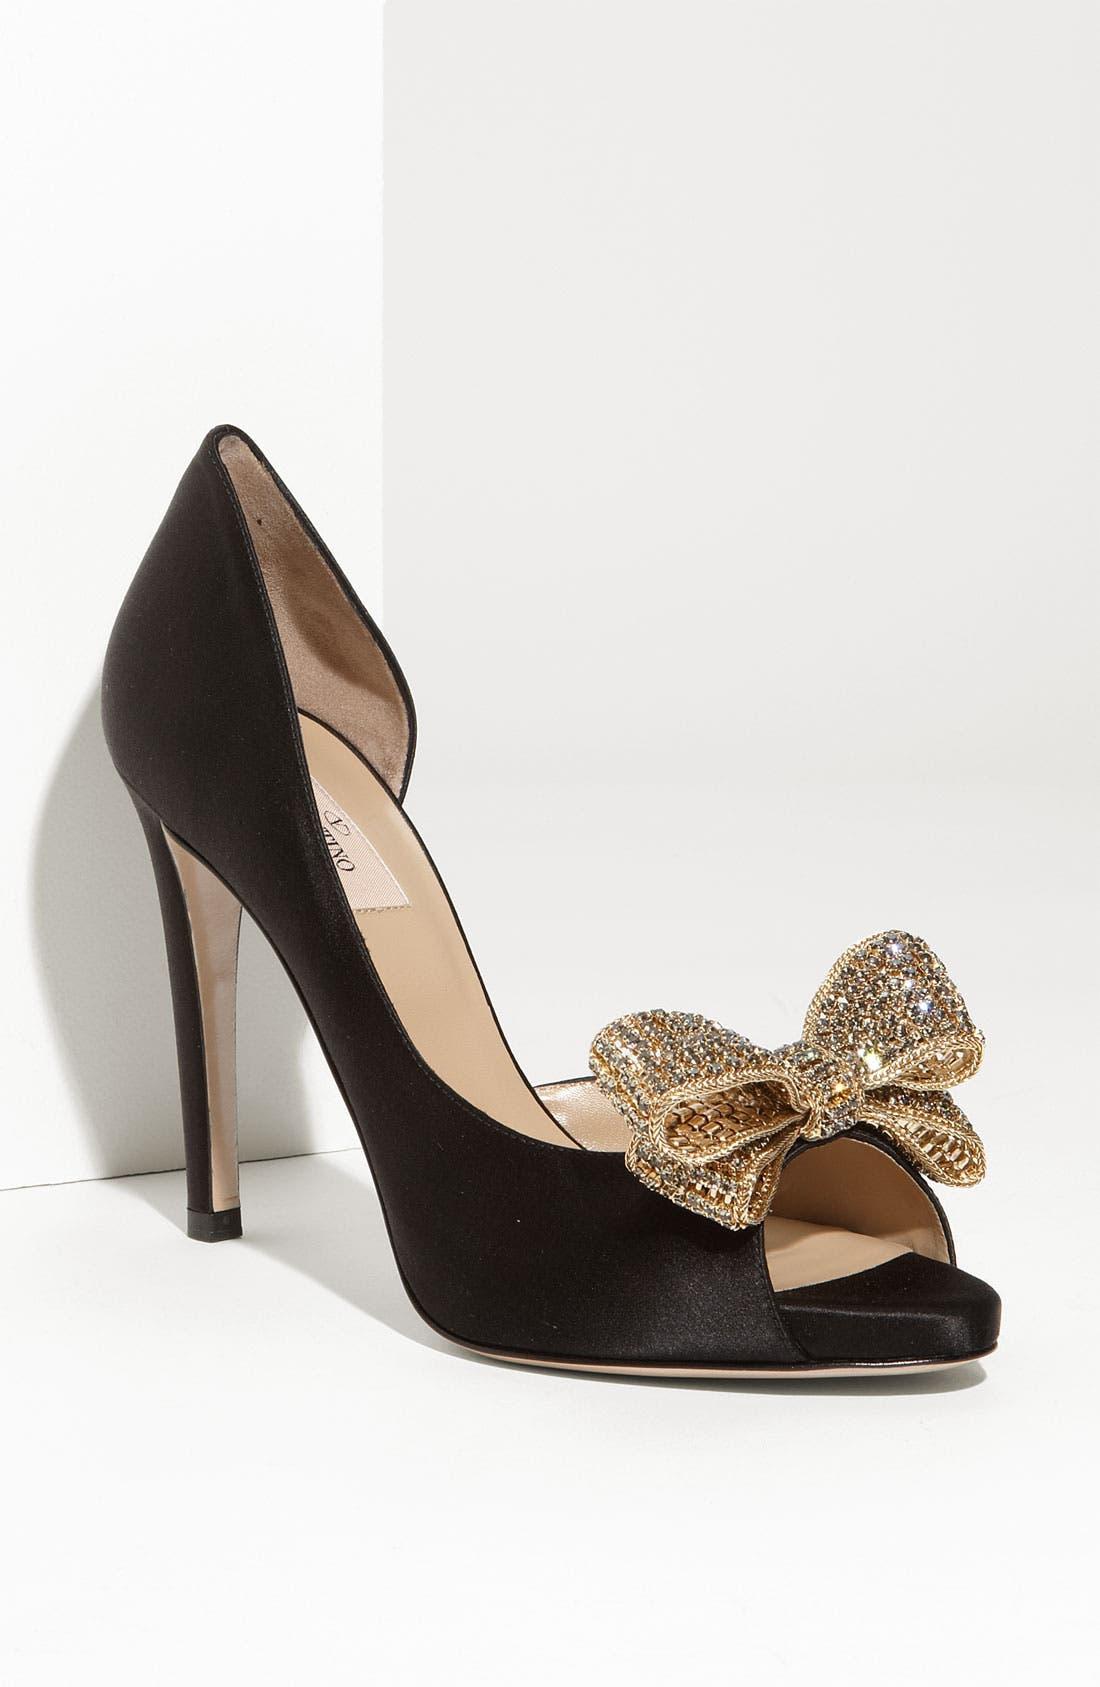 VALENTINO GARAVANI Jewelry Couture Bow d'Orsay Pump, Main, color, 001